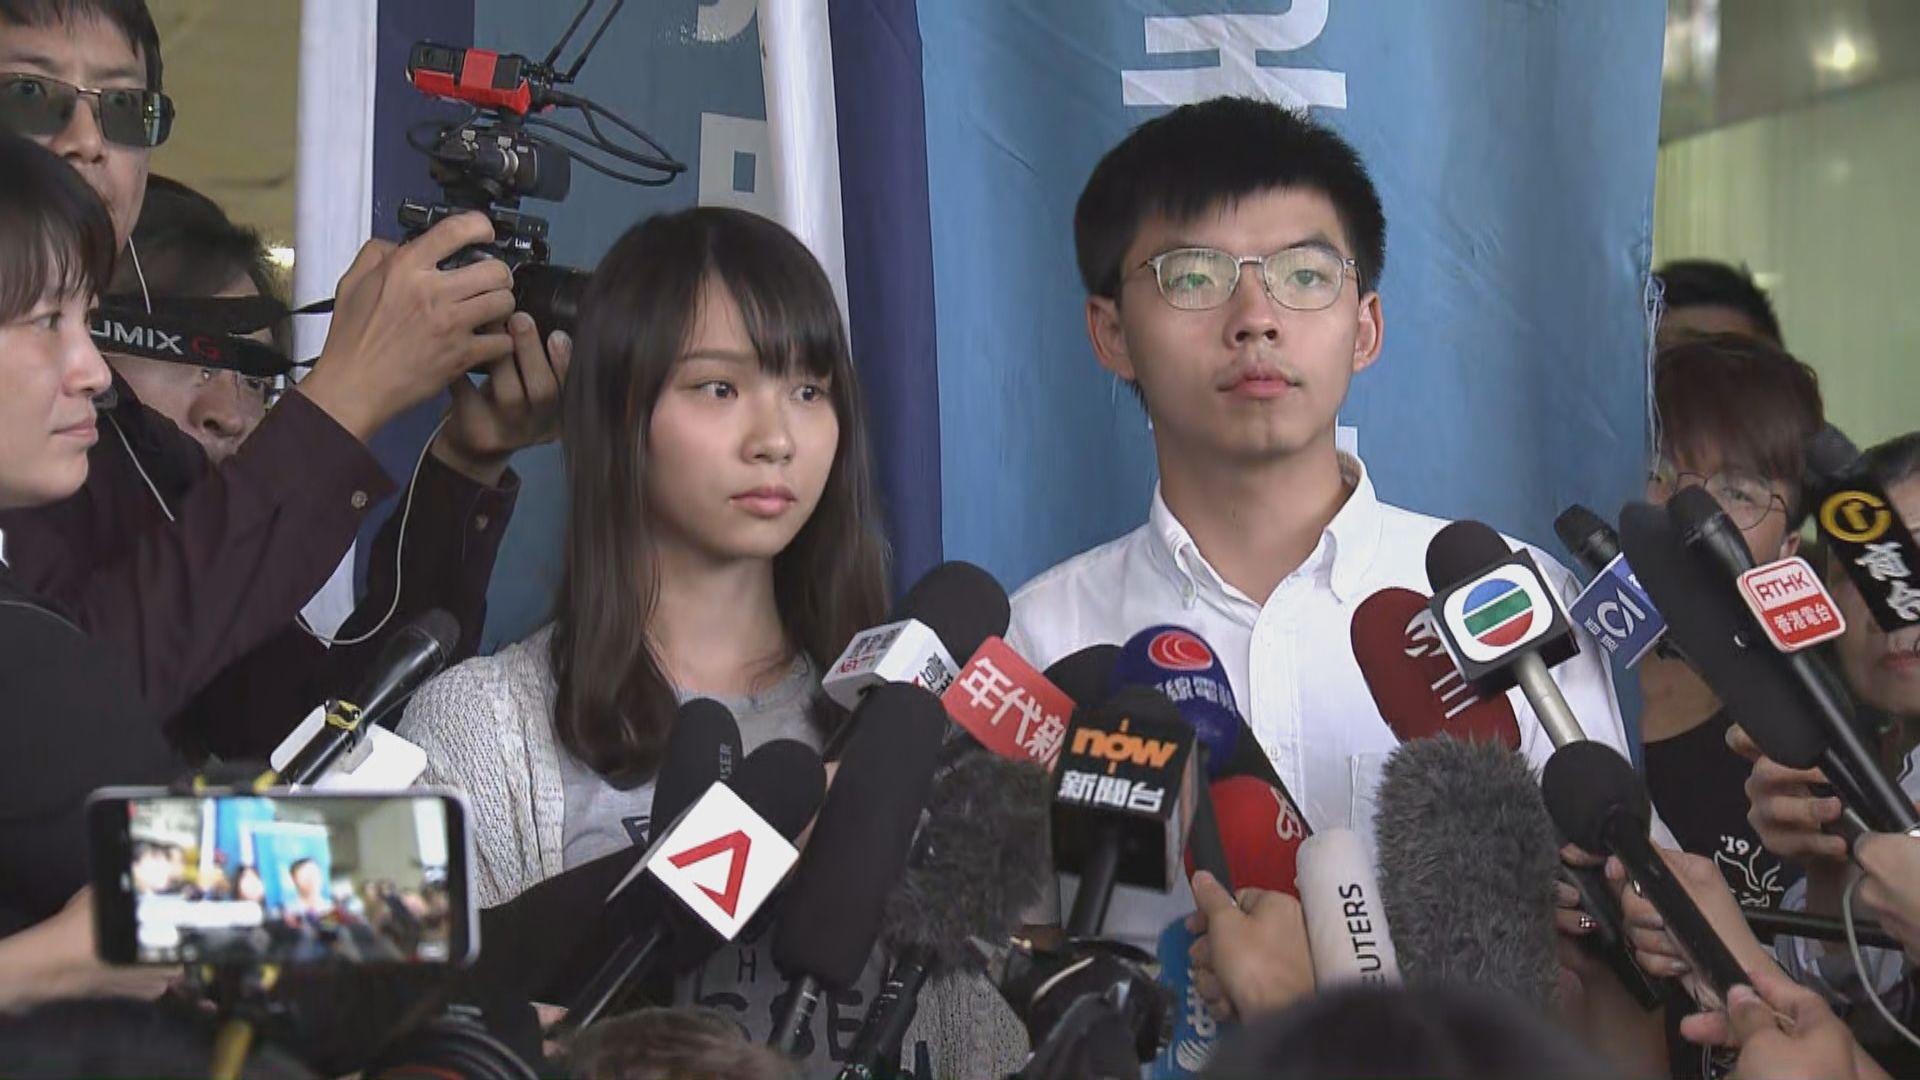 【即日焦點】據報行會曾討論《緊急法》 視乎831情況再作考慮;831前夕至少七人被捕 黃之鋒:拘捕及起訴不會平息民憤